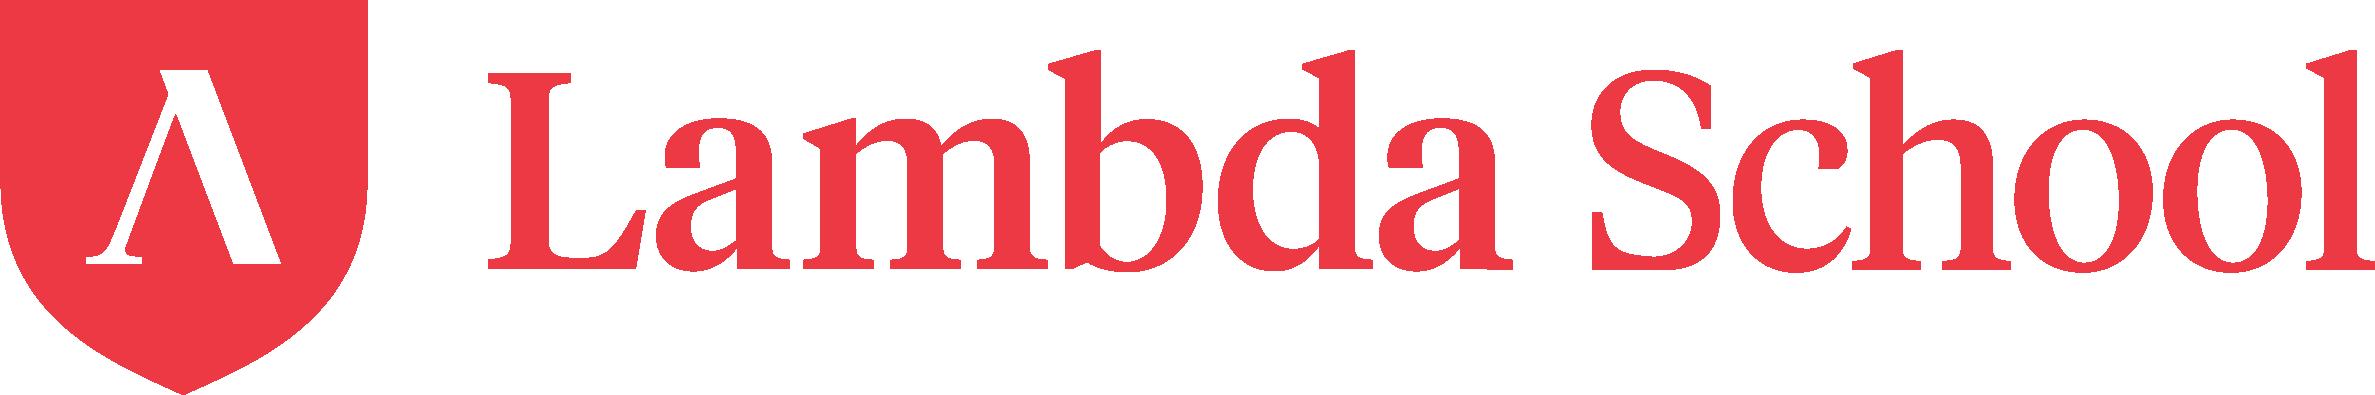 Lambda School logo.